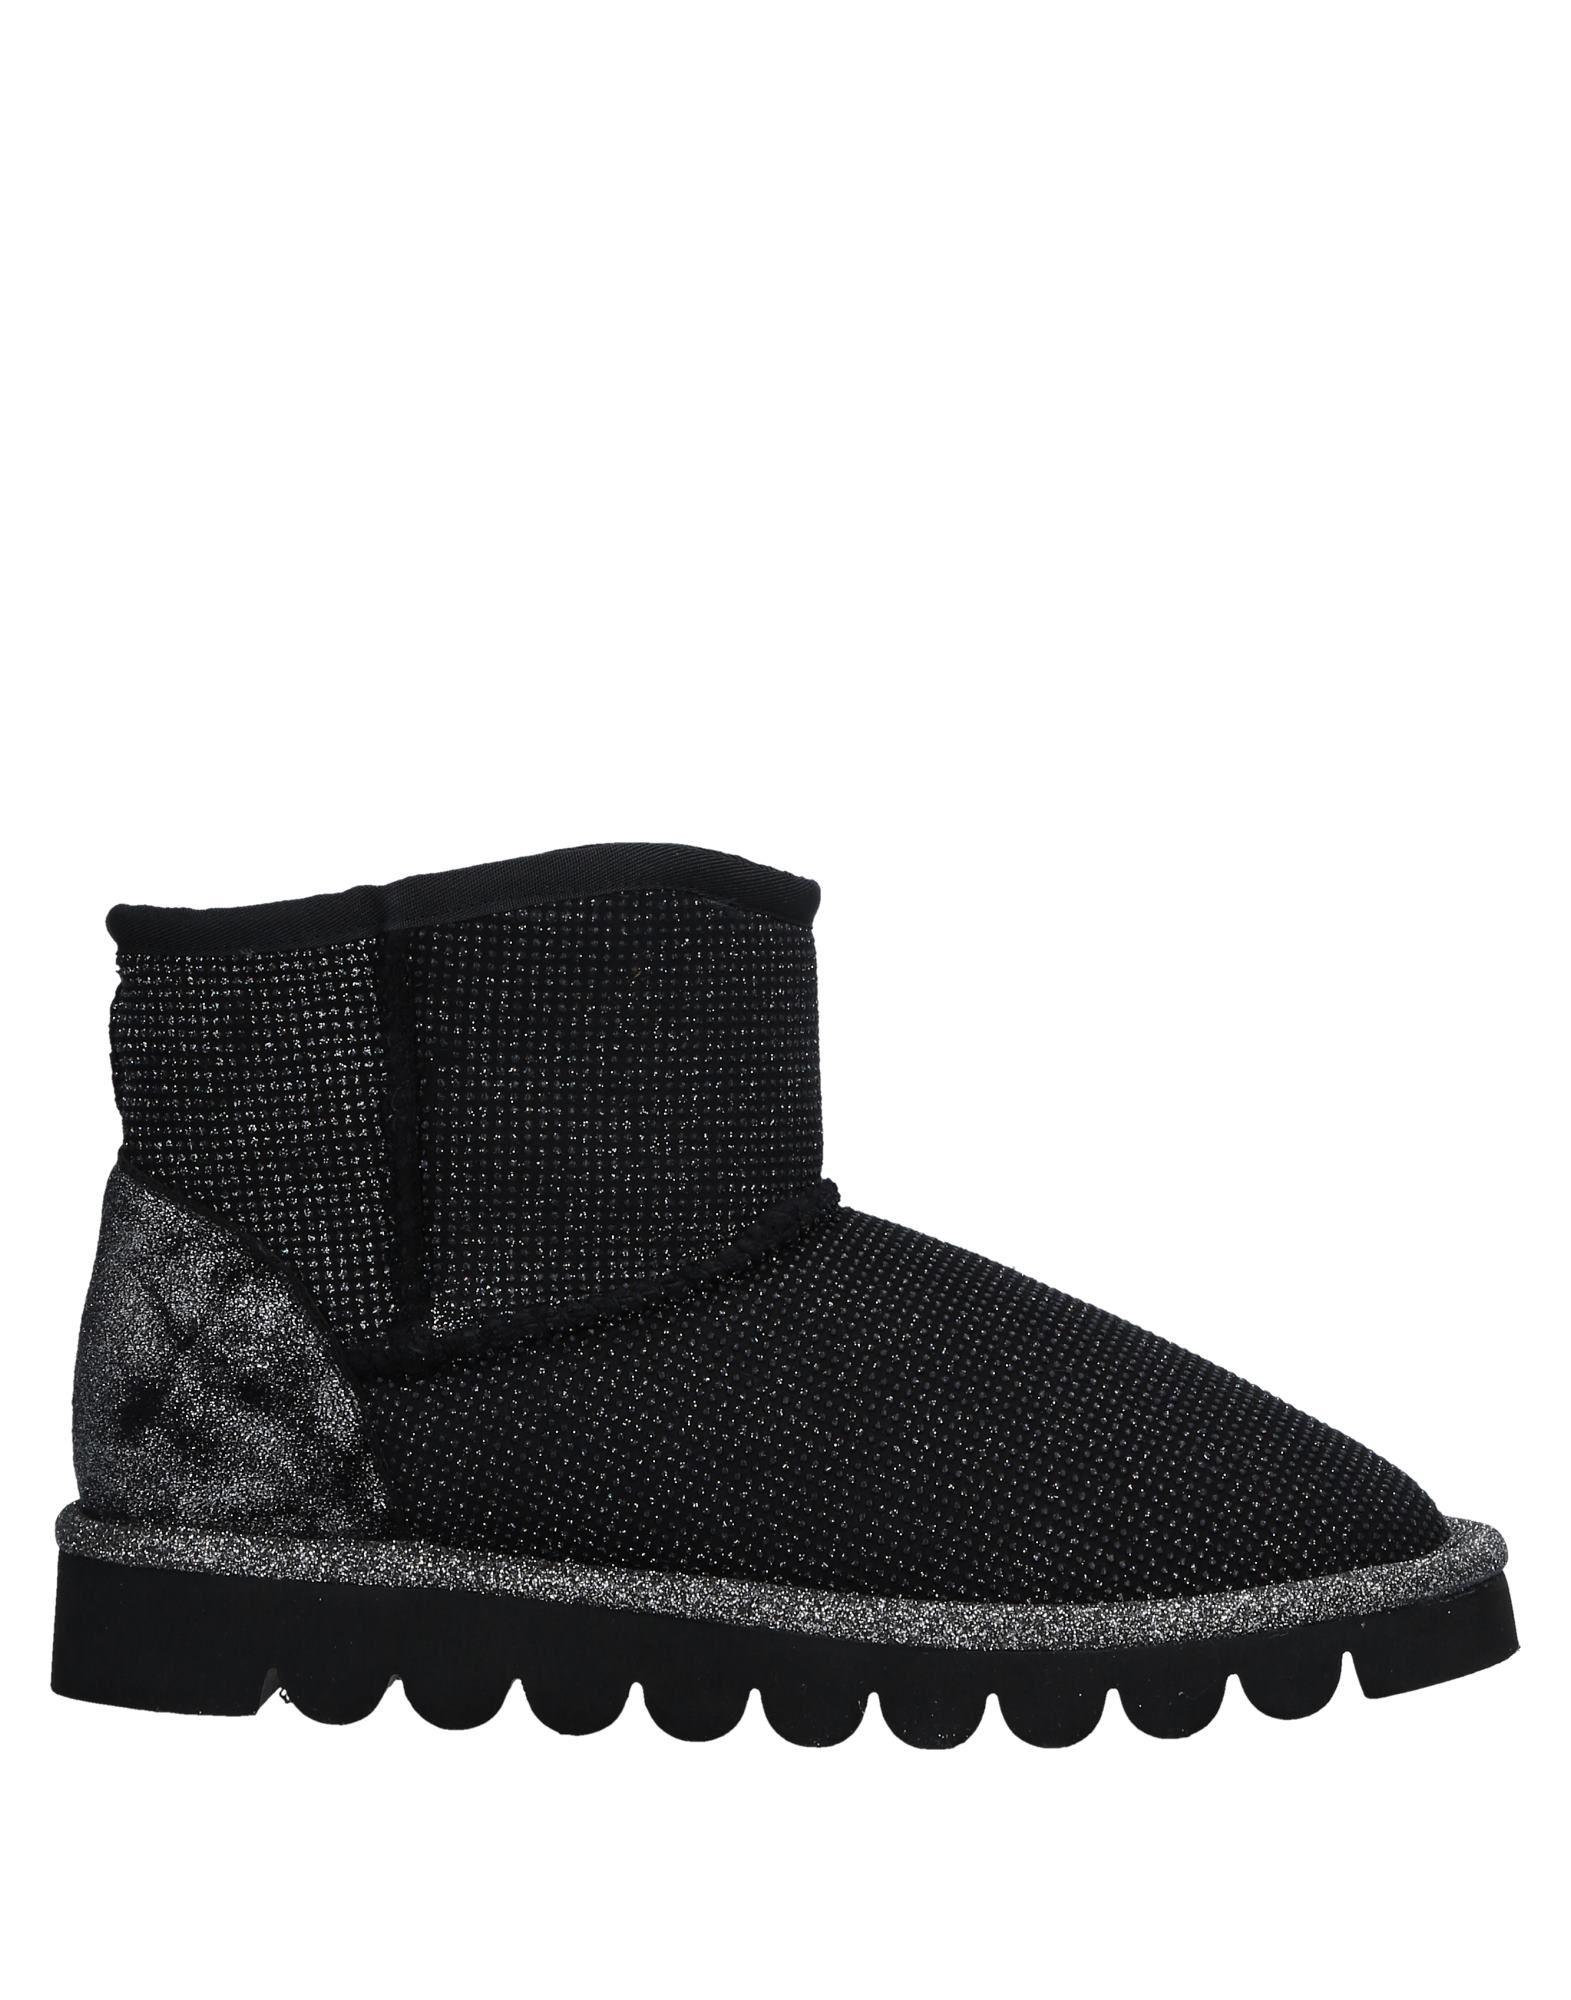 My Twin By Twin Set Stiefelette Damen  Schuhe 11539694QS Gute Qualität beliebte Schuhe  43a4d3